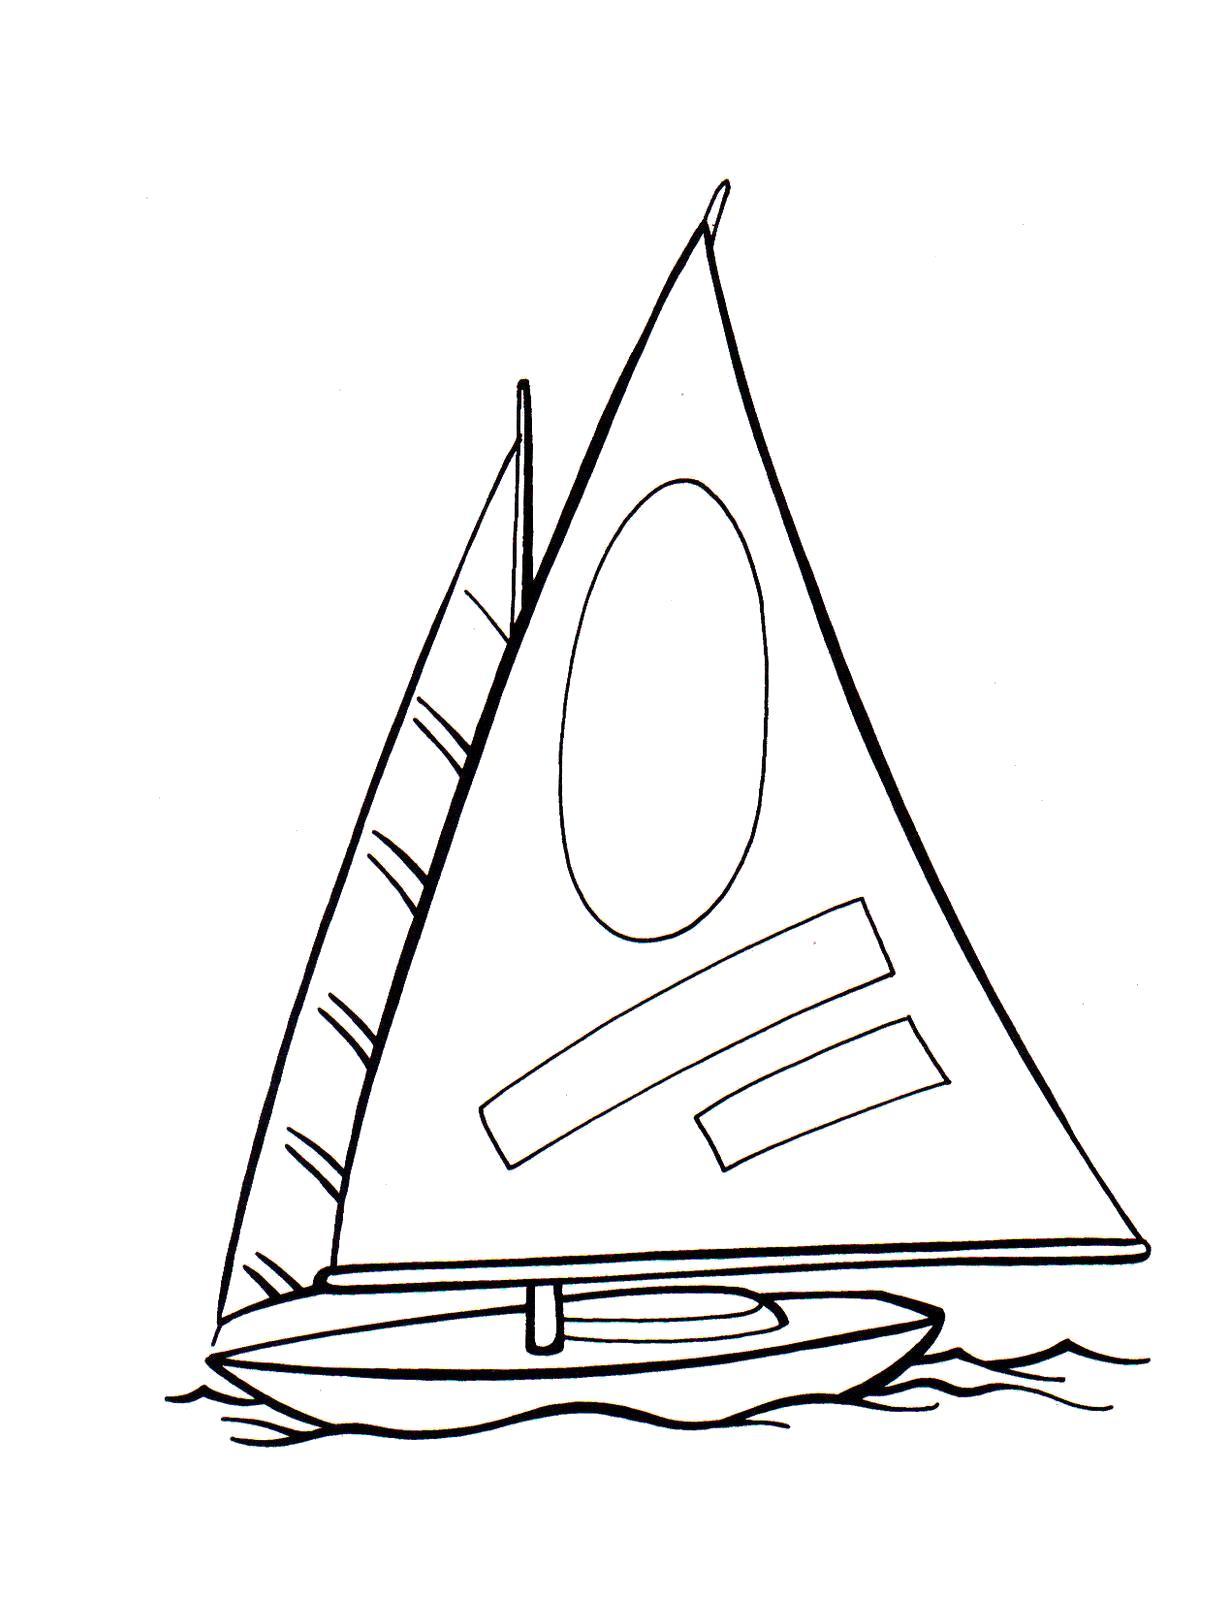 Раскраска  корабли . Скачать корабль.  Распечатать корабль